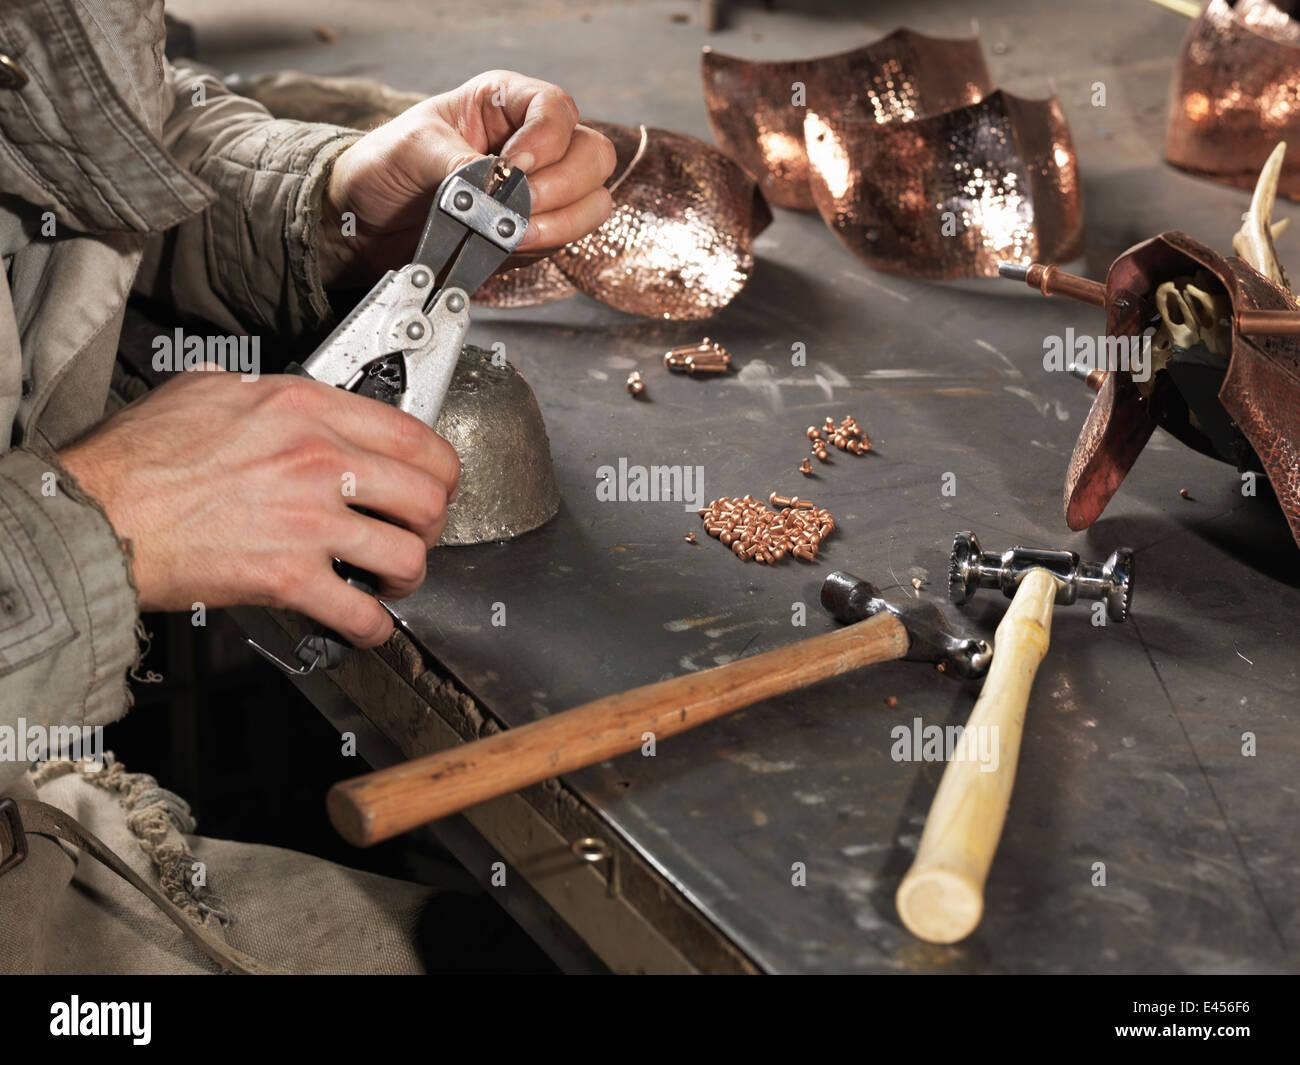 Image recadrée de forgerons mains travaillant avec des rivets de cuivre Photo Stock